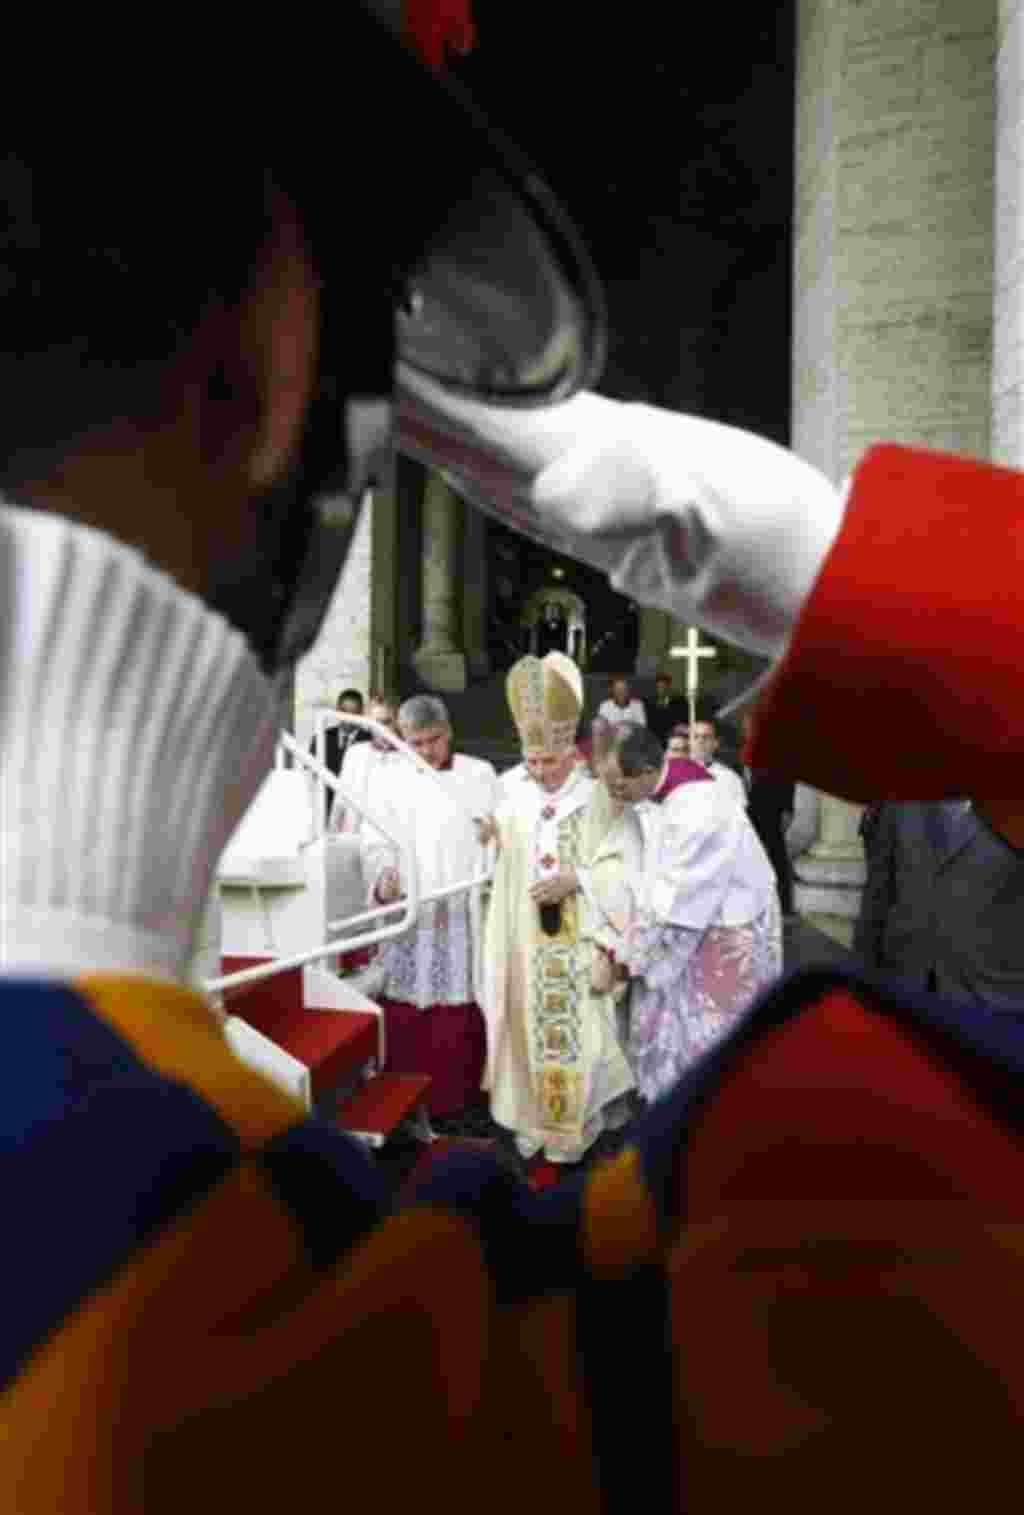 La Guardia Suiza del Papa Benedicto XVI saluda a su llegada a la misa de beatificación del fallecido Papa Juan Pablo II en la Plaza de San Pedro.